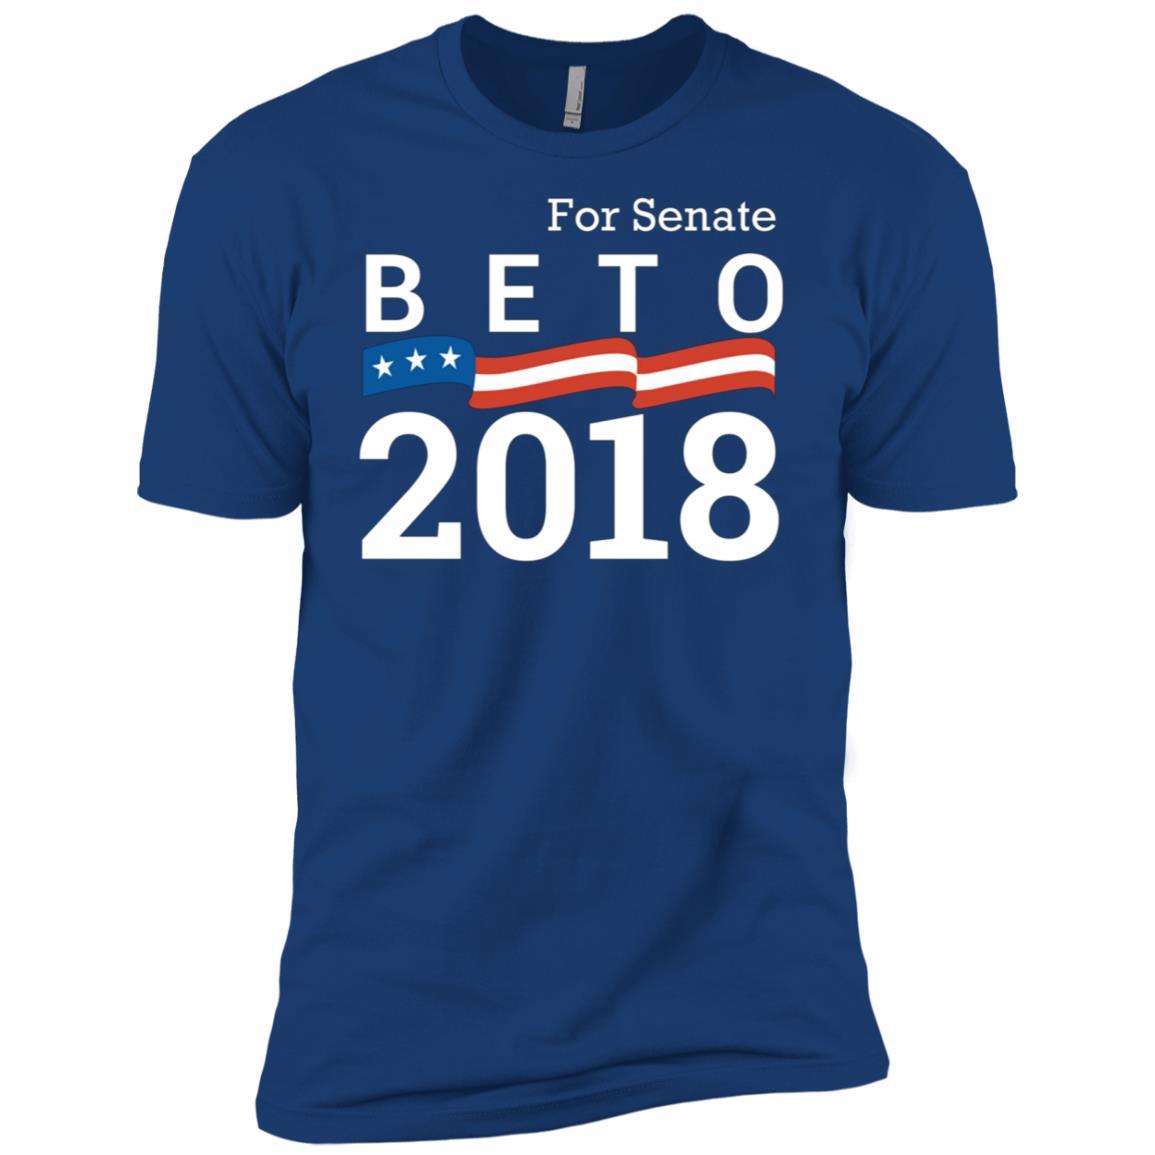 Beto O'Rourke for Senate Texas 2018 Men Short Sleeve T-Shirt